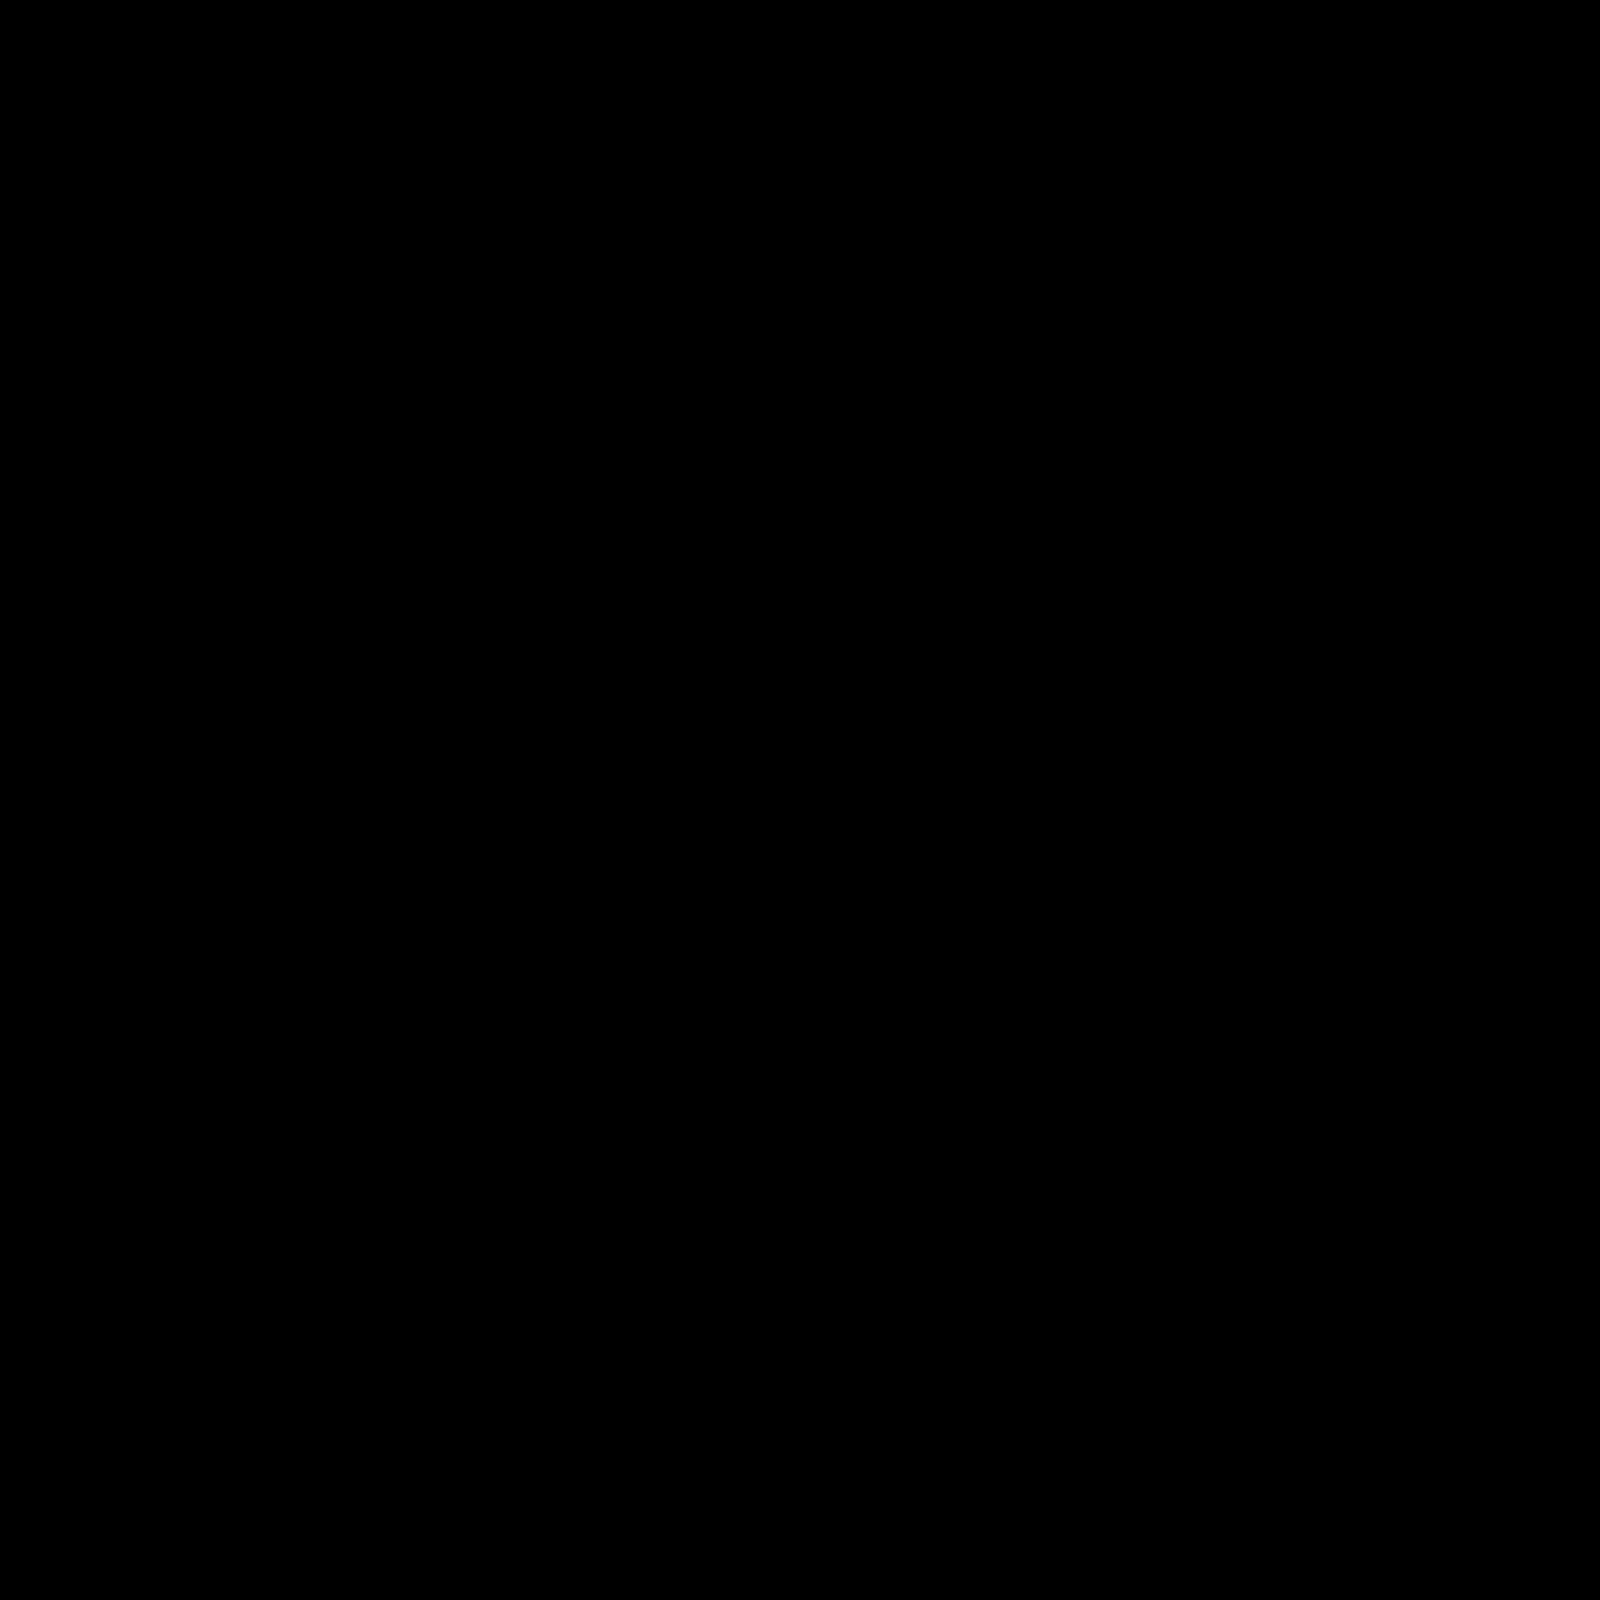 Деловая электронная почта icon